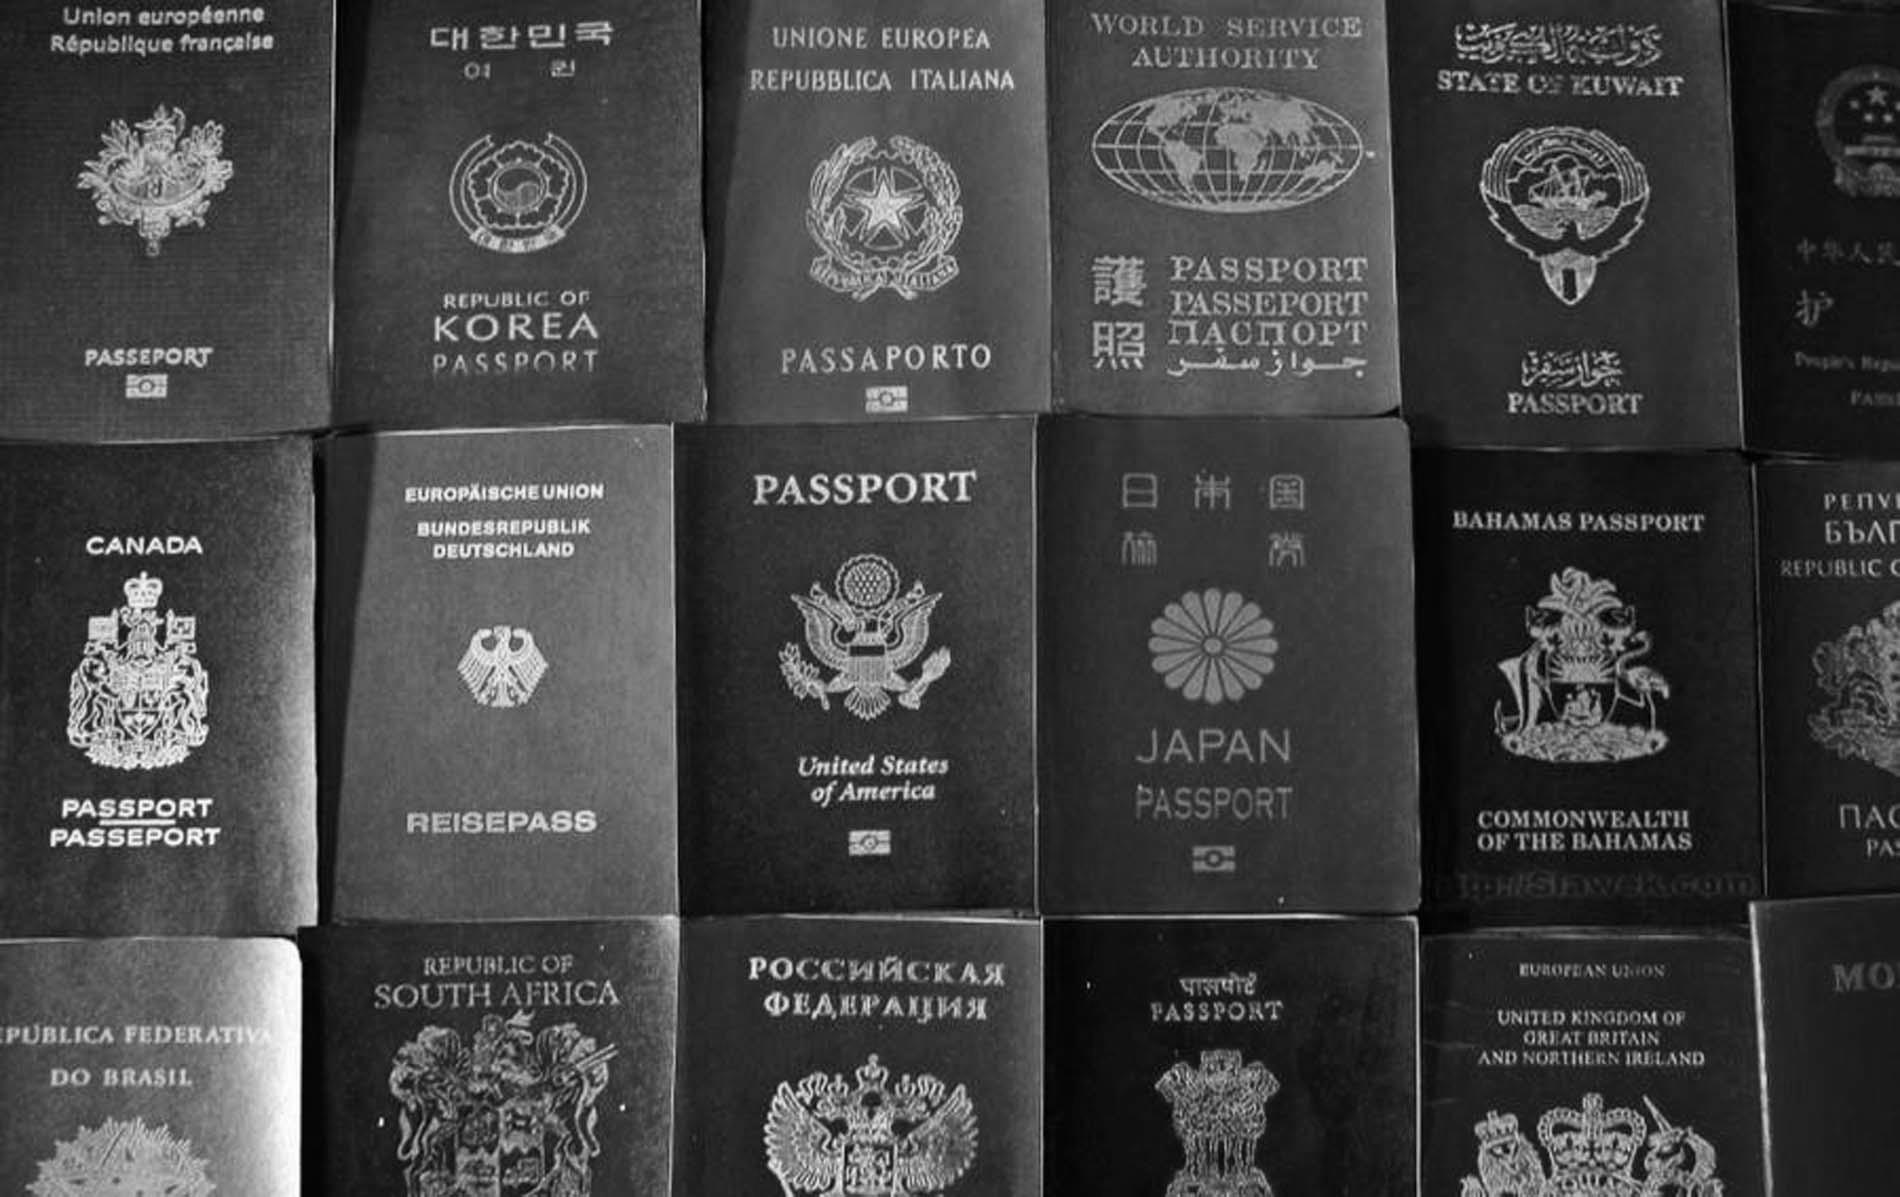 Zlatá víza – Litva, Lotyšsko, Rakousko a Arménie